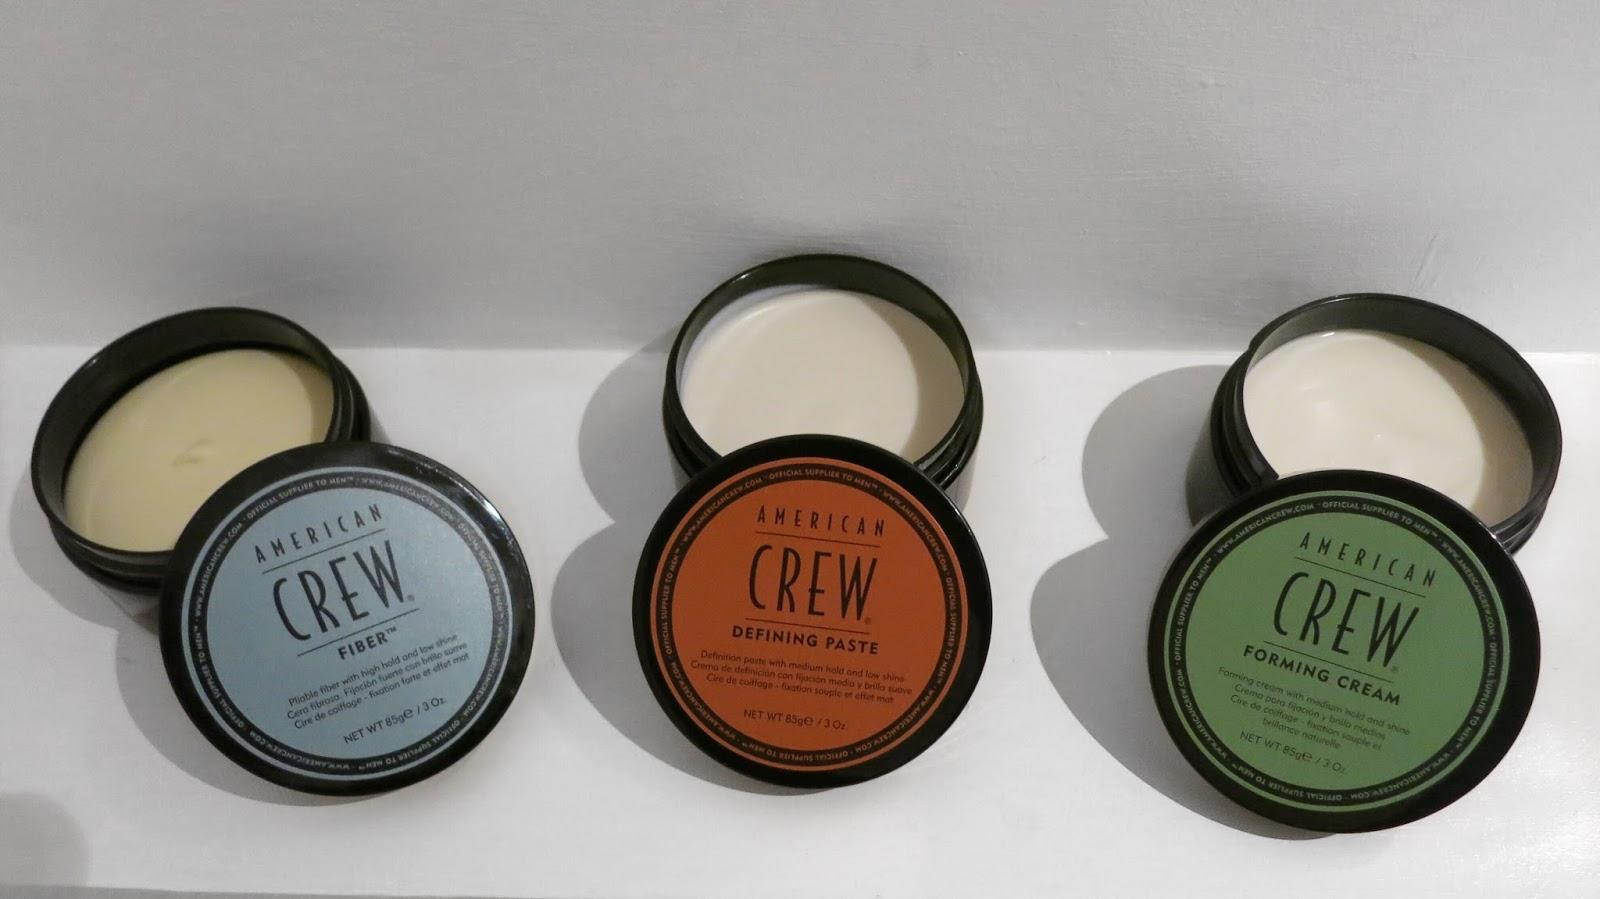 american crew fiber, defining paste and forming cream